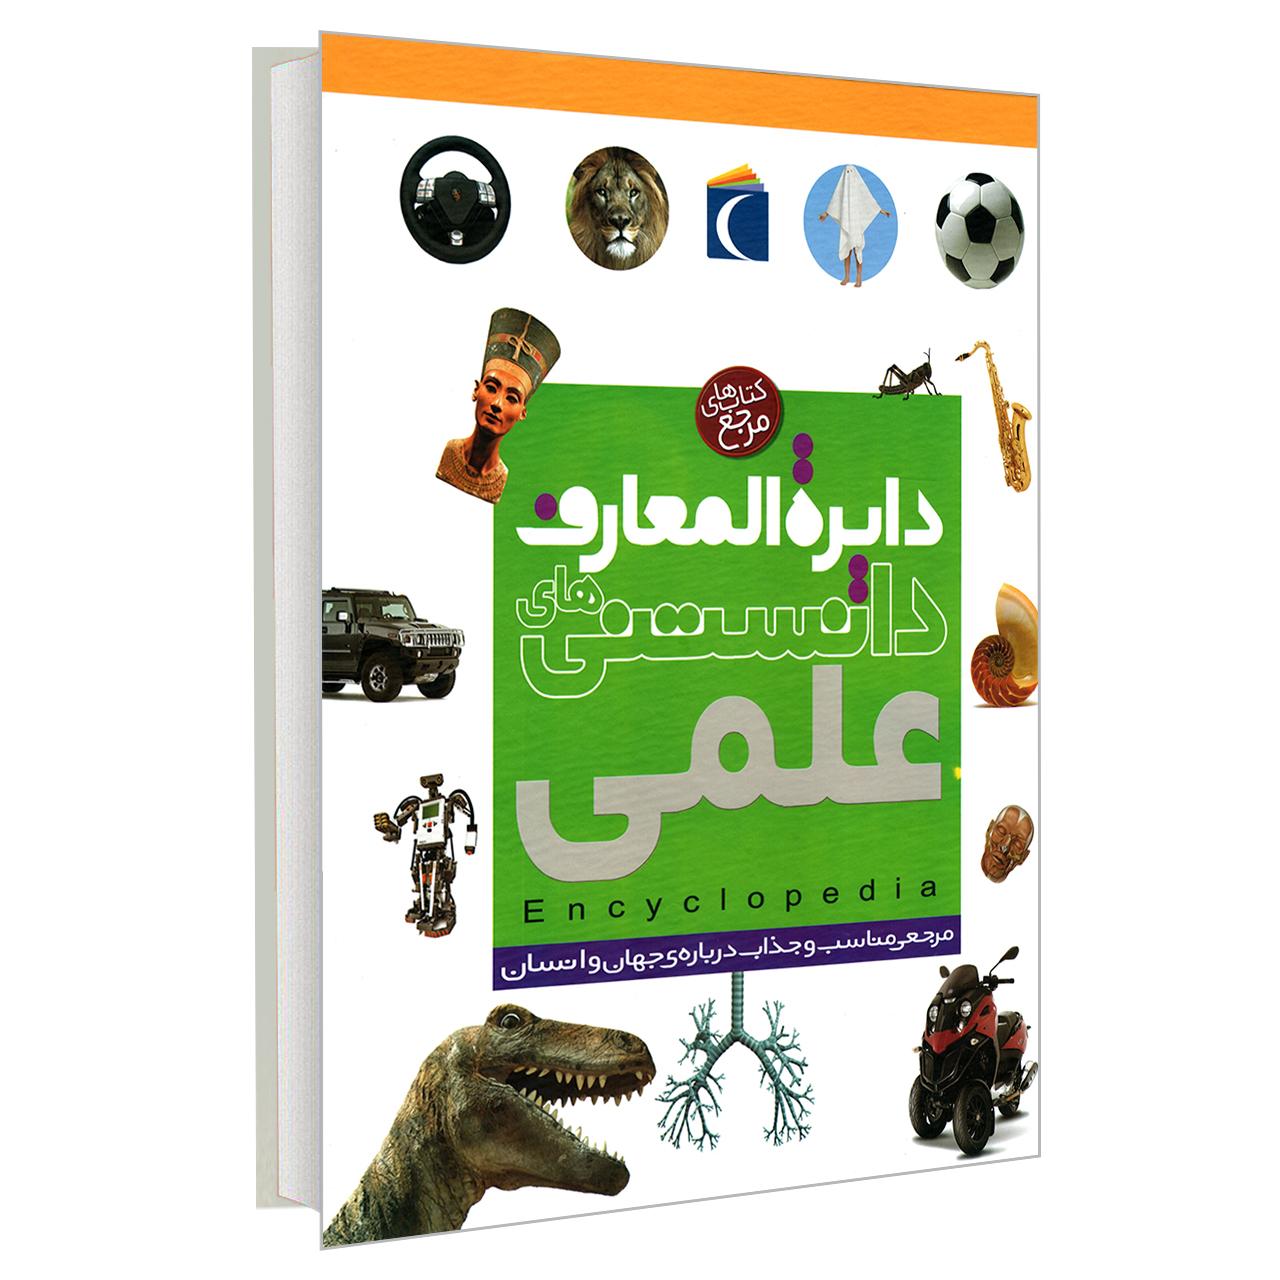 کتاب دایره المعارف دانستنی های علمی اثر پنی اسمیت نشر محراب قلم